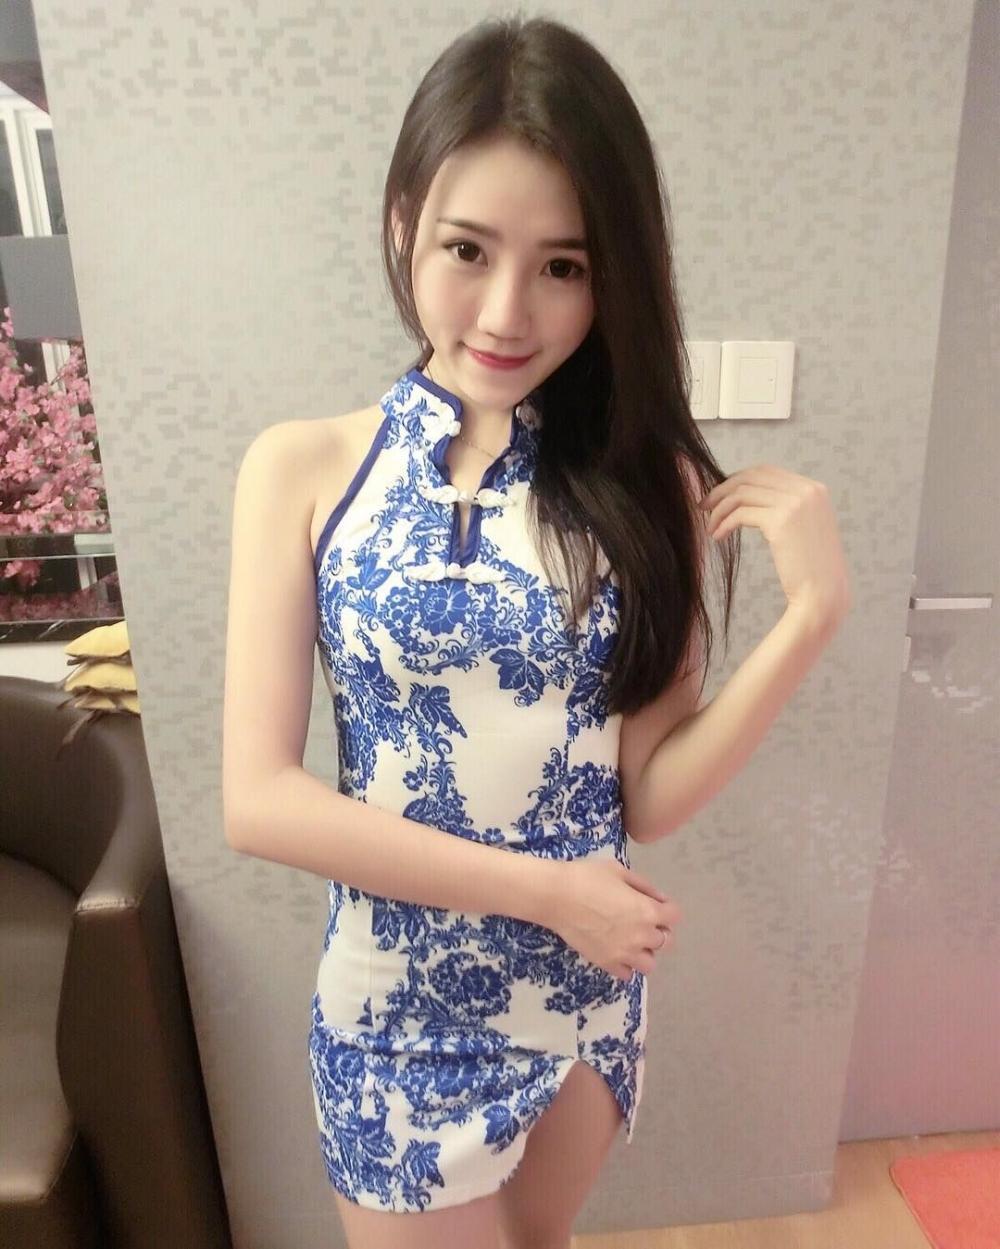 唯美青花旗袍 彰显女性完美气质